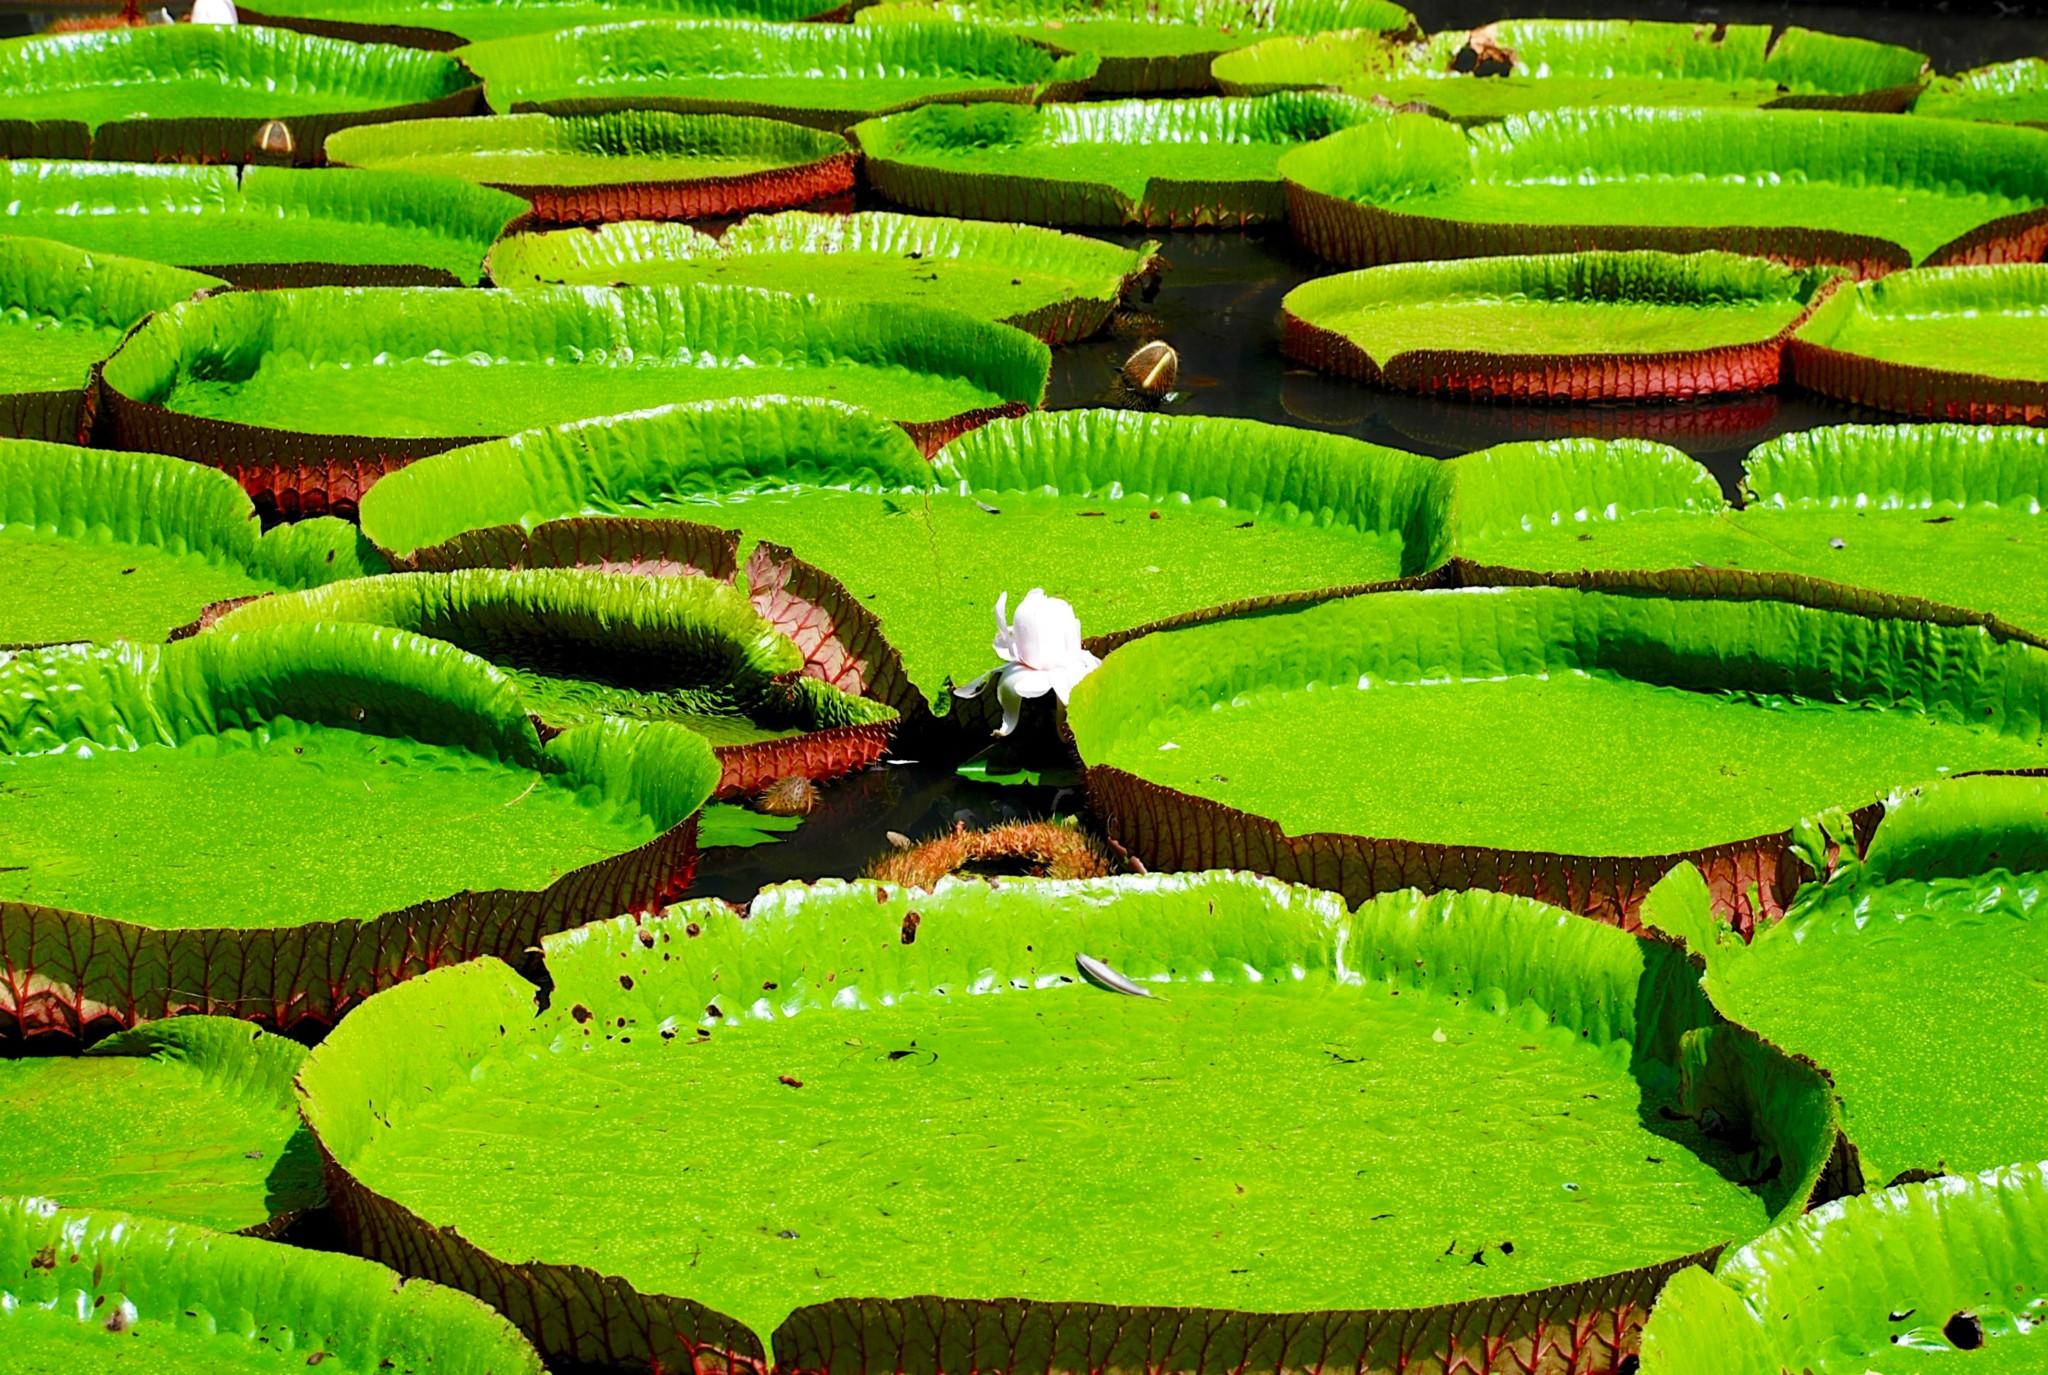 Botanischer Garten - Pamplemousses - Mauritius